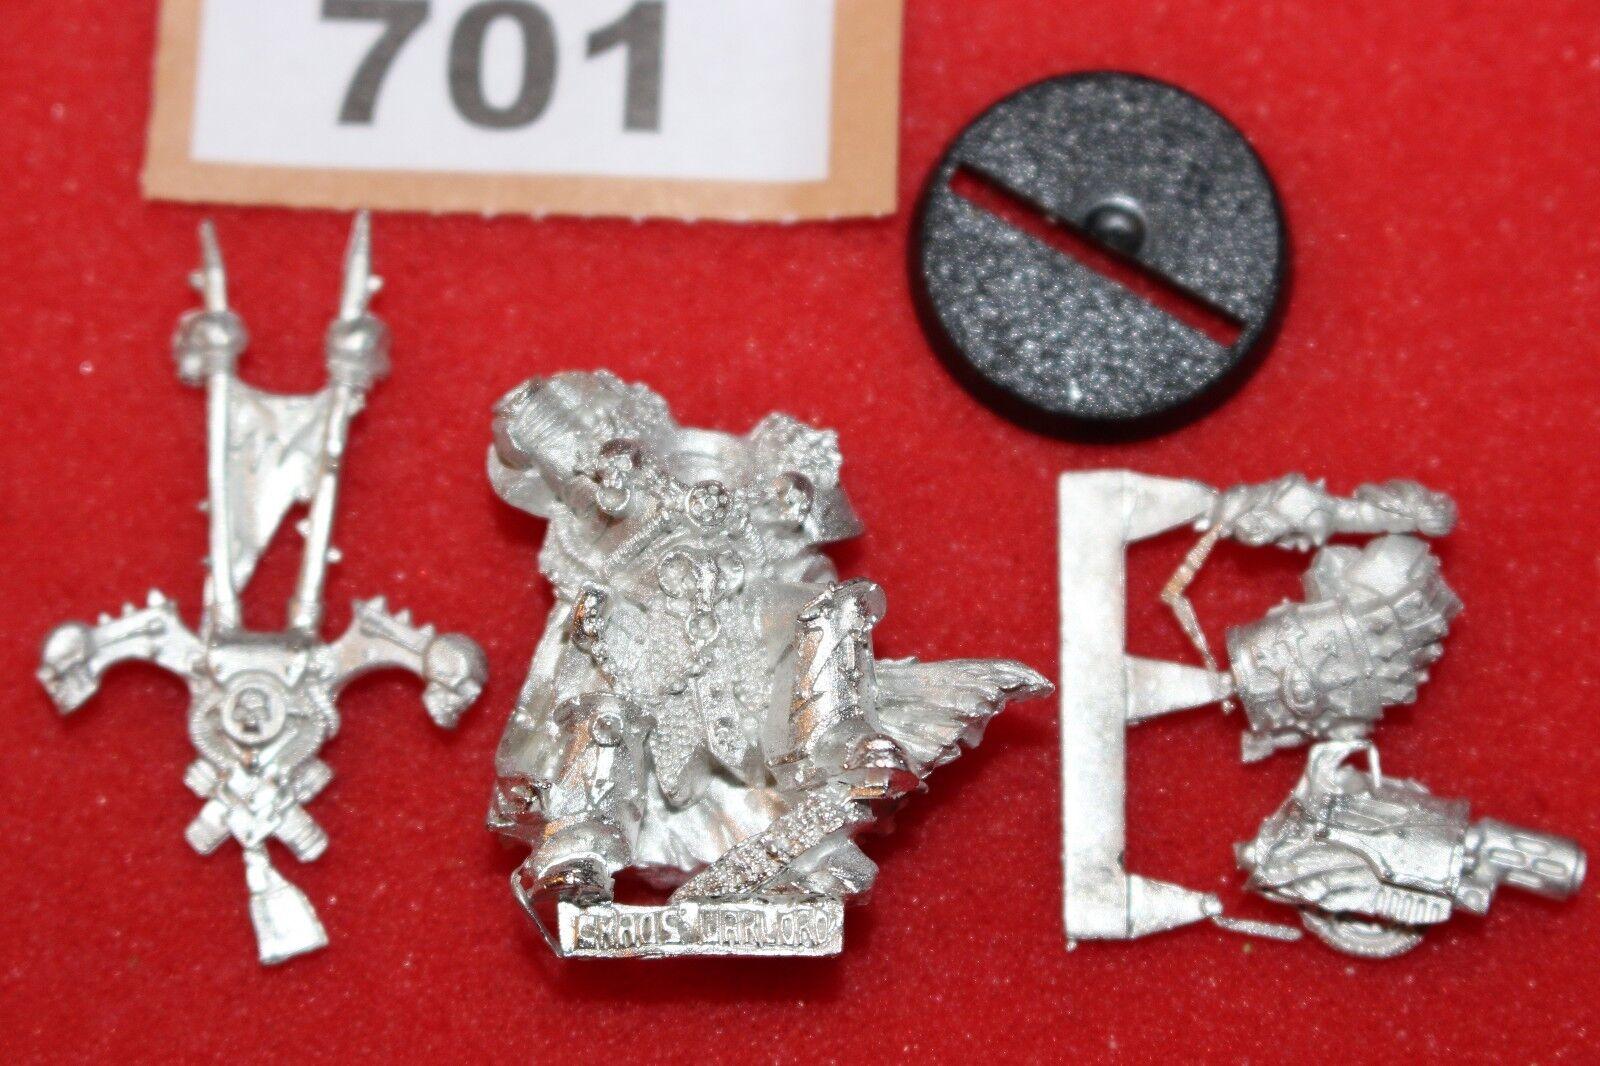 Games Workshop Warhammer 40k Chaos Space Marines Lord Metal Mint New OOP GW